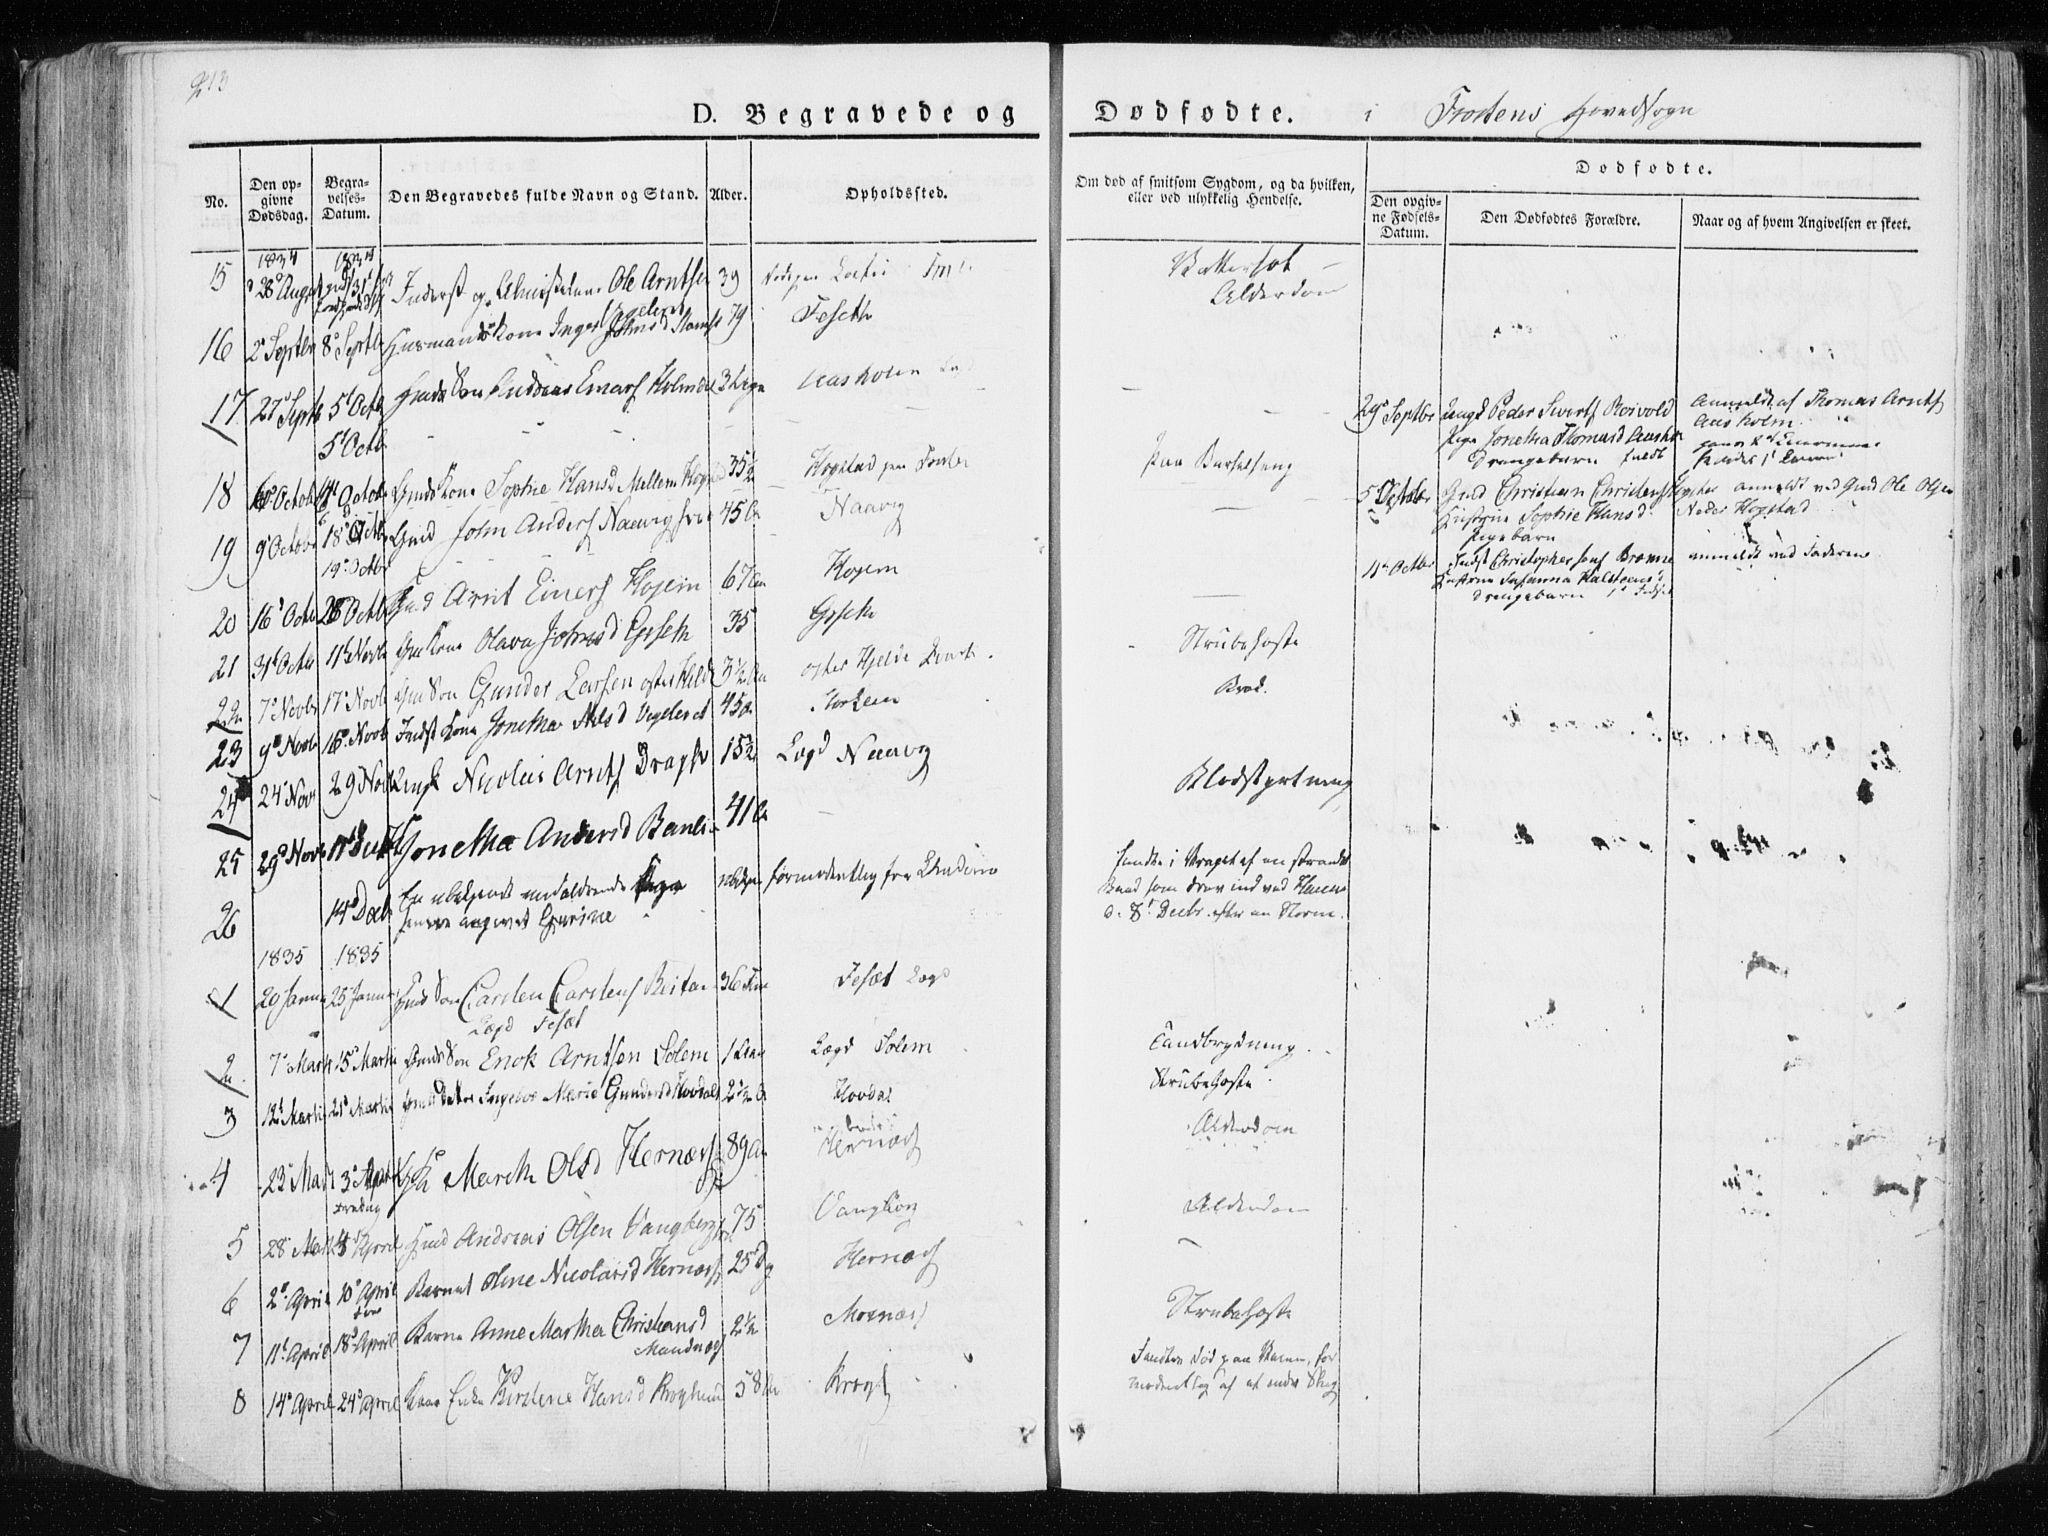 SAT, Ministerialprotokoller, klokkerbøker og fødselsregistre - Nord-Trøndelag, 713/L0114: Ministerialbok nr. 713A05, 1827-1839, s. 213